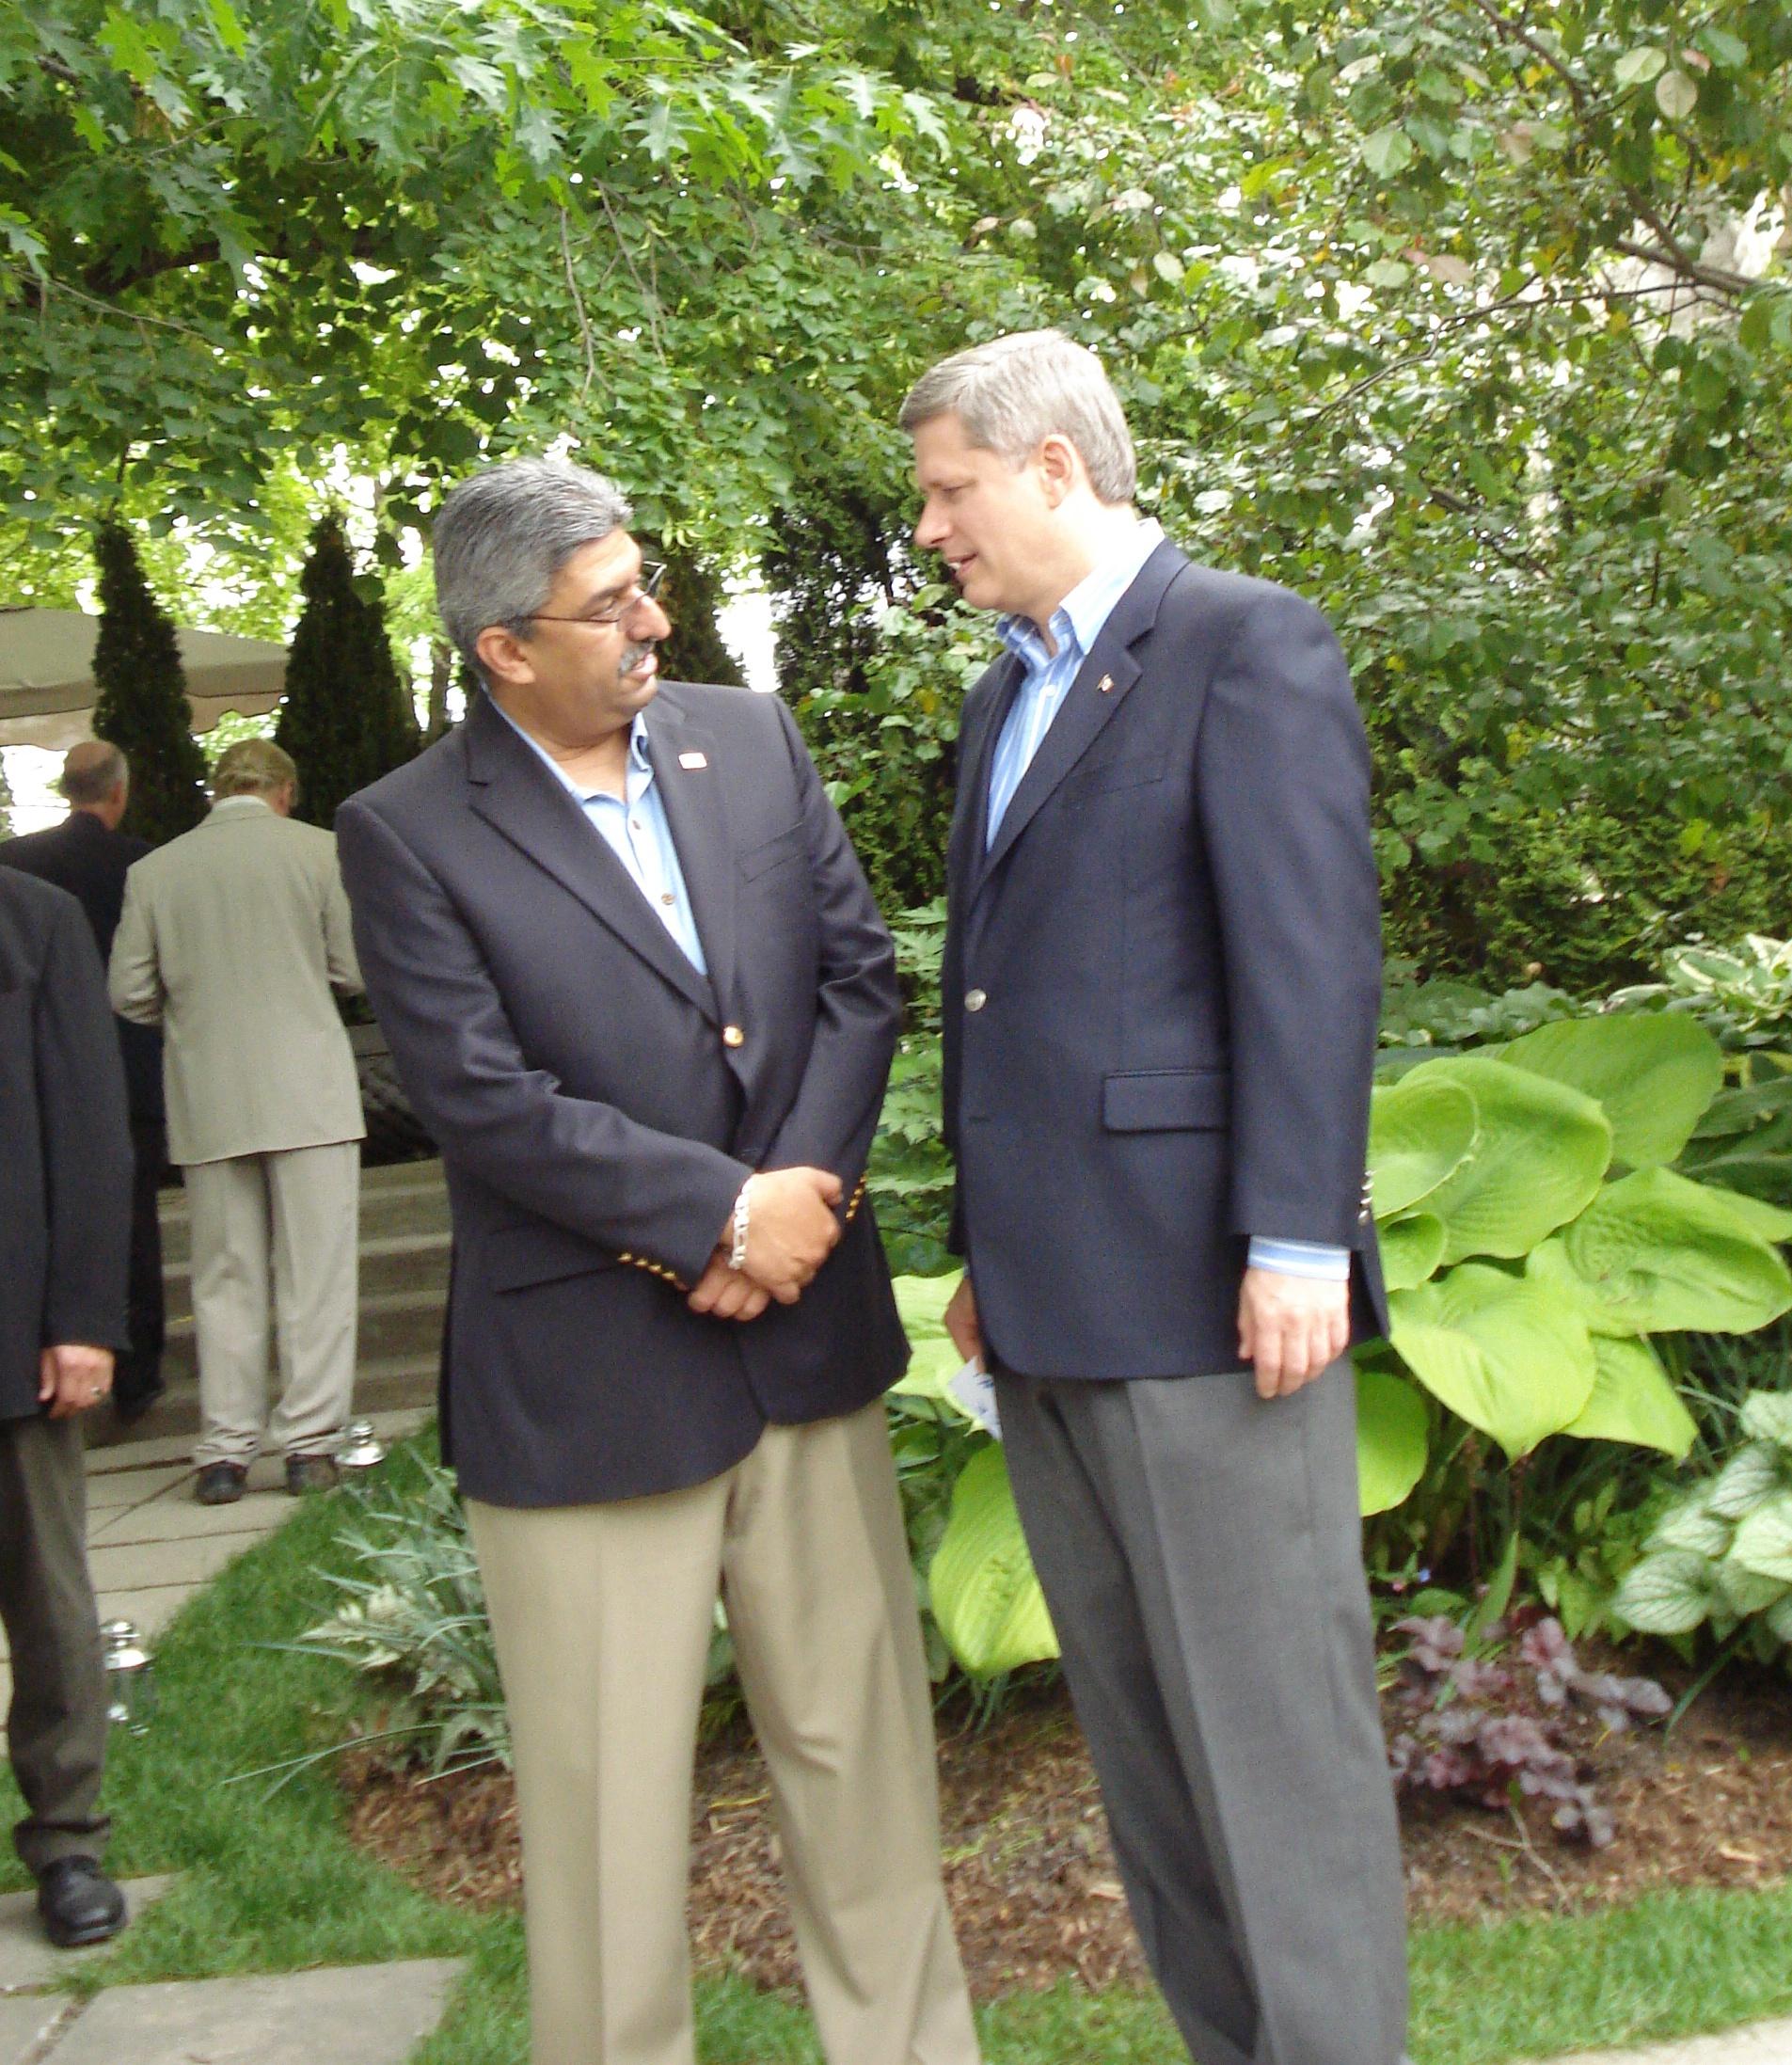 At residence of Prime Minister Steven Harper